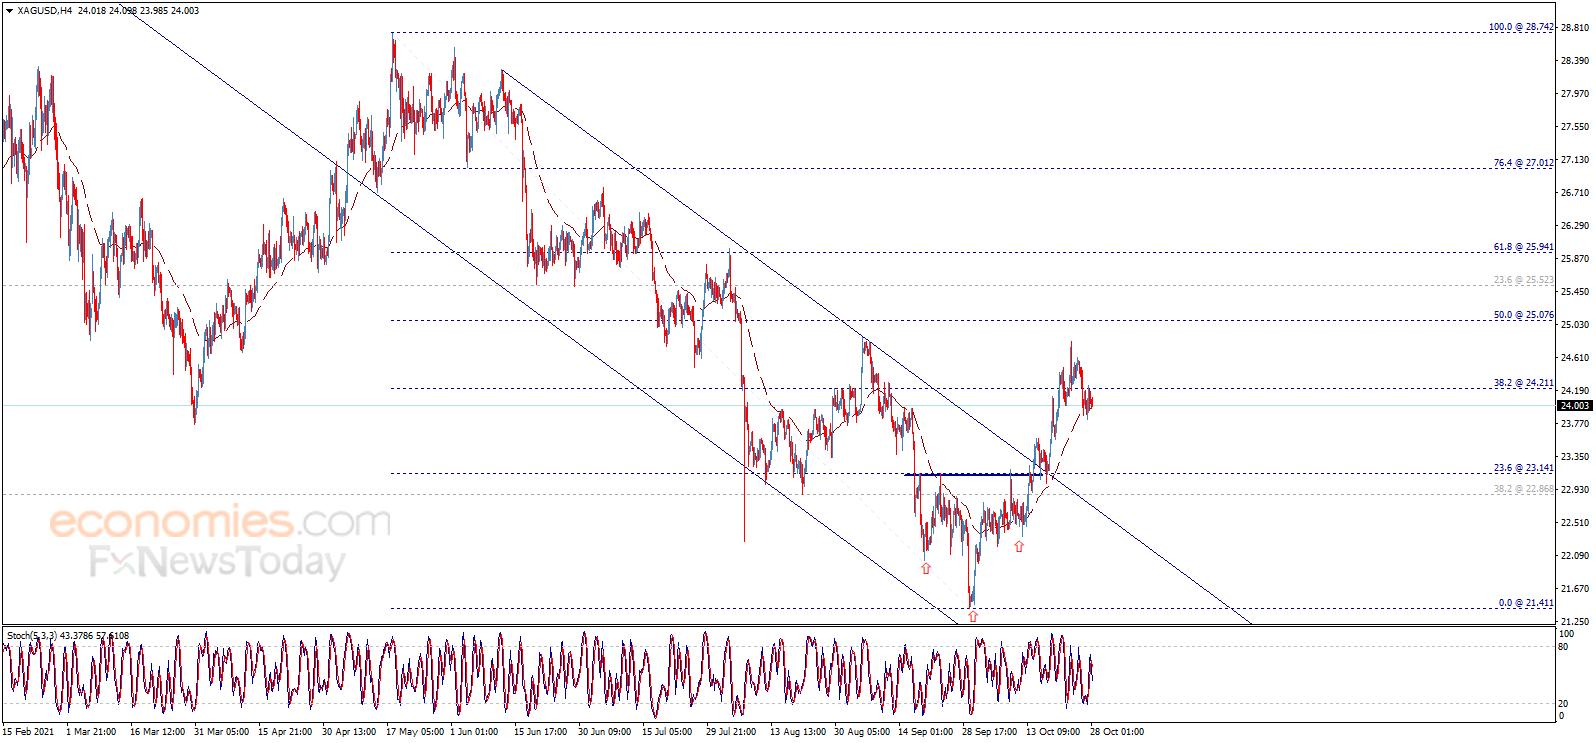 Giá bạc hôm nay (28/10): Áp lực giảm tiếp tục